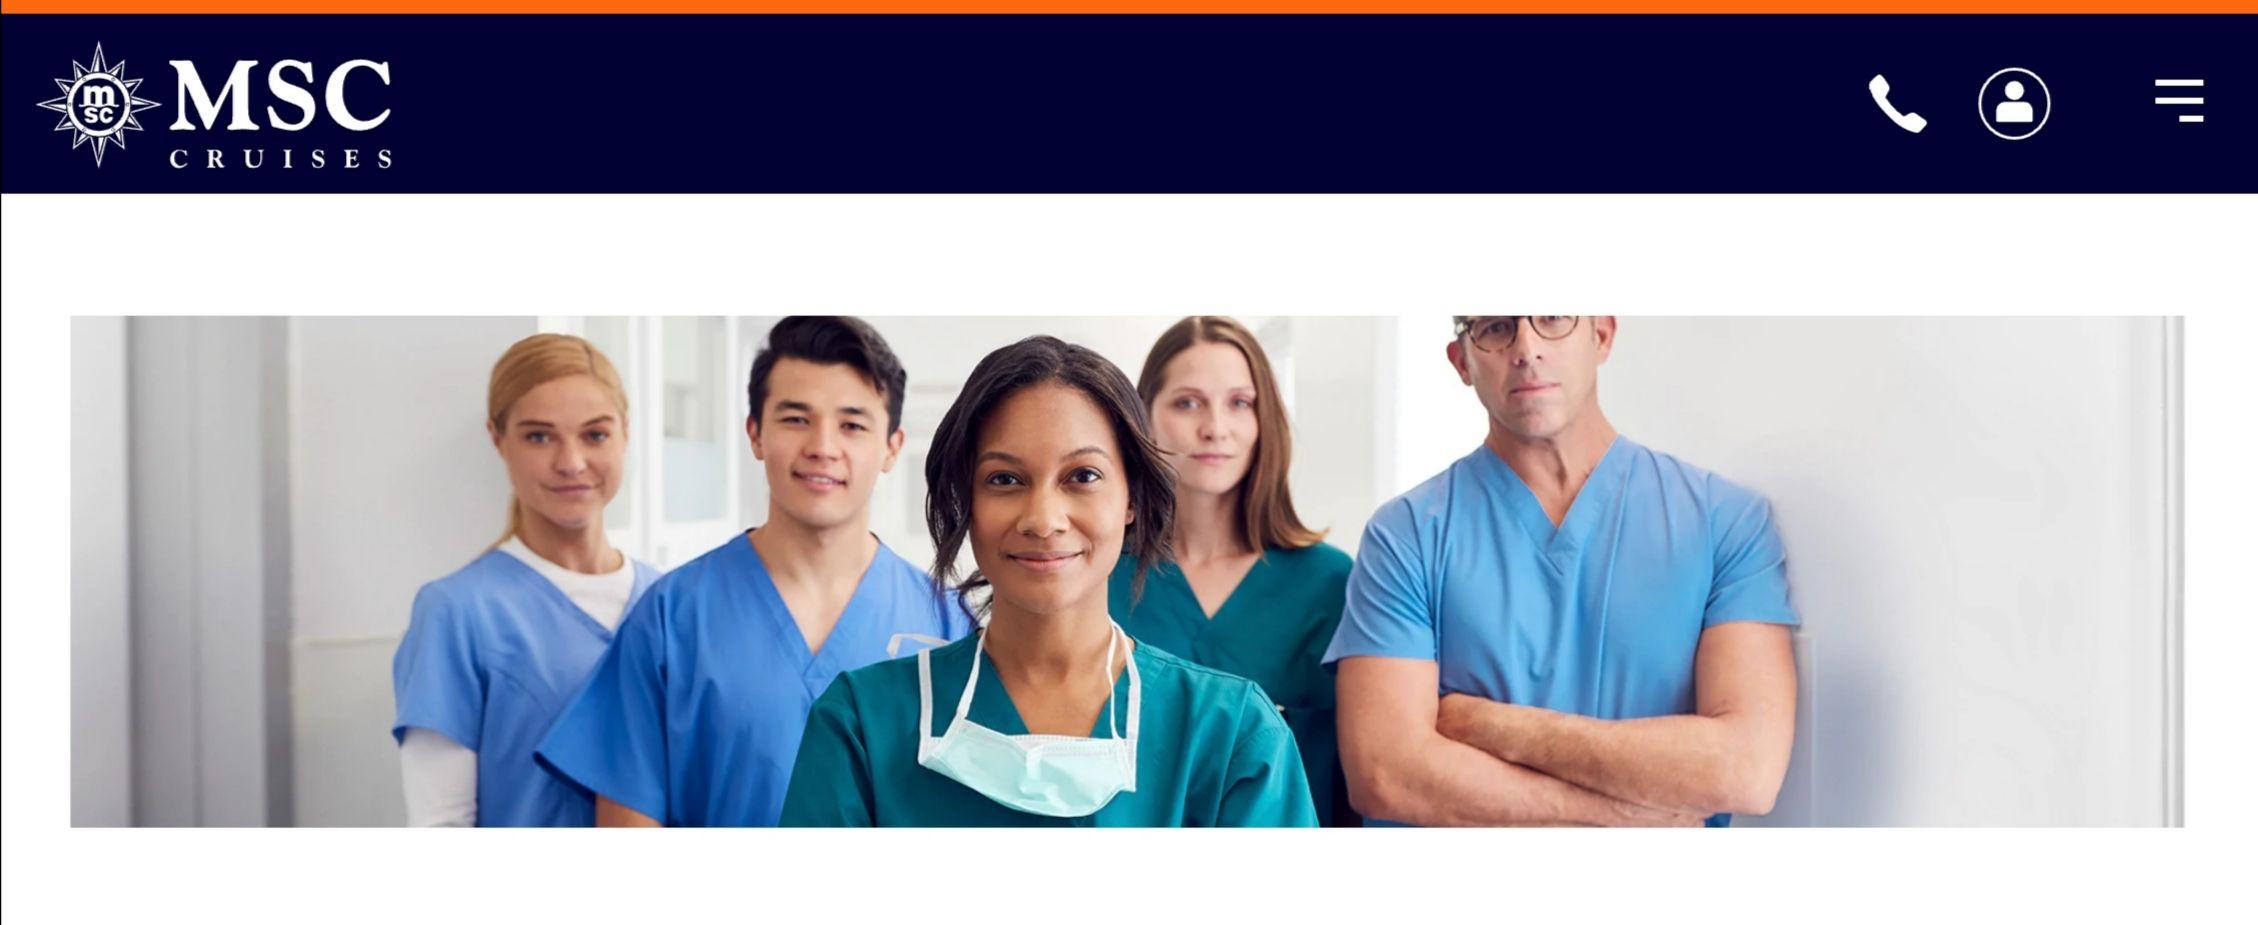 50% Rabatt auf alle MSC-Kreuzfahrten bis 31.03.2021 für Mitarbeiter im Gesundheitswesen